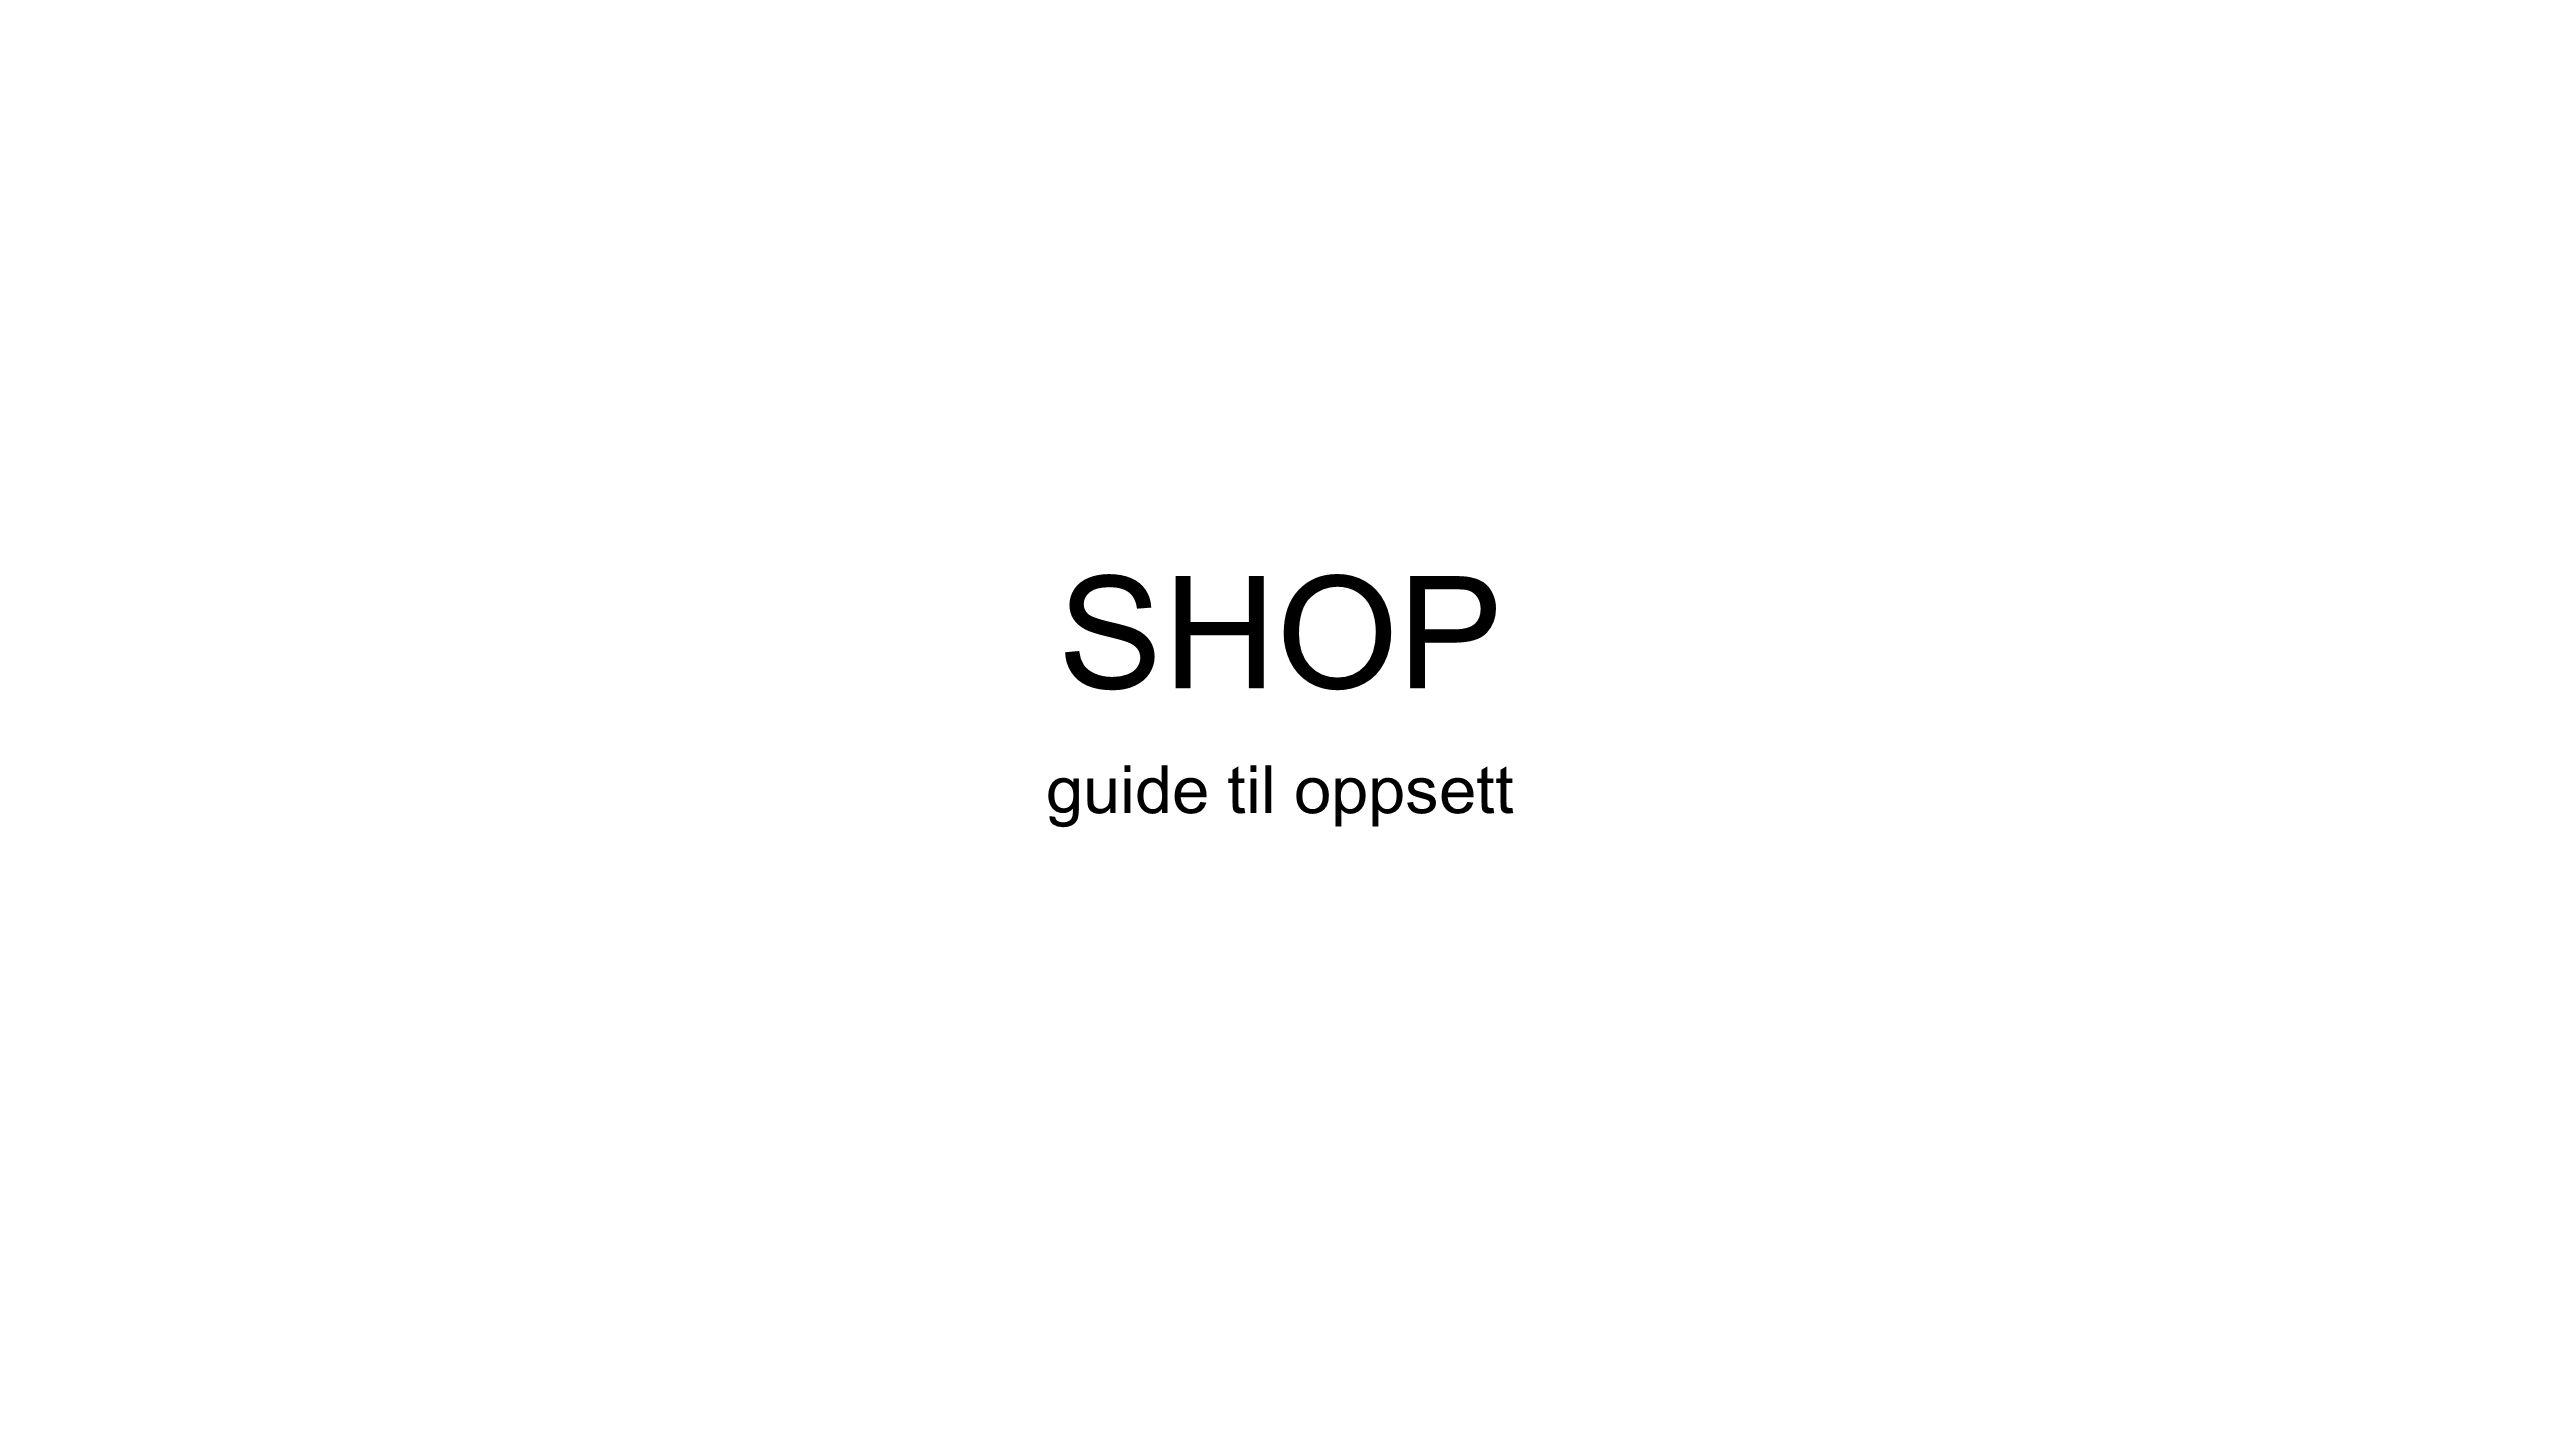 SHOP guide til oppsett